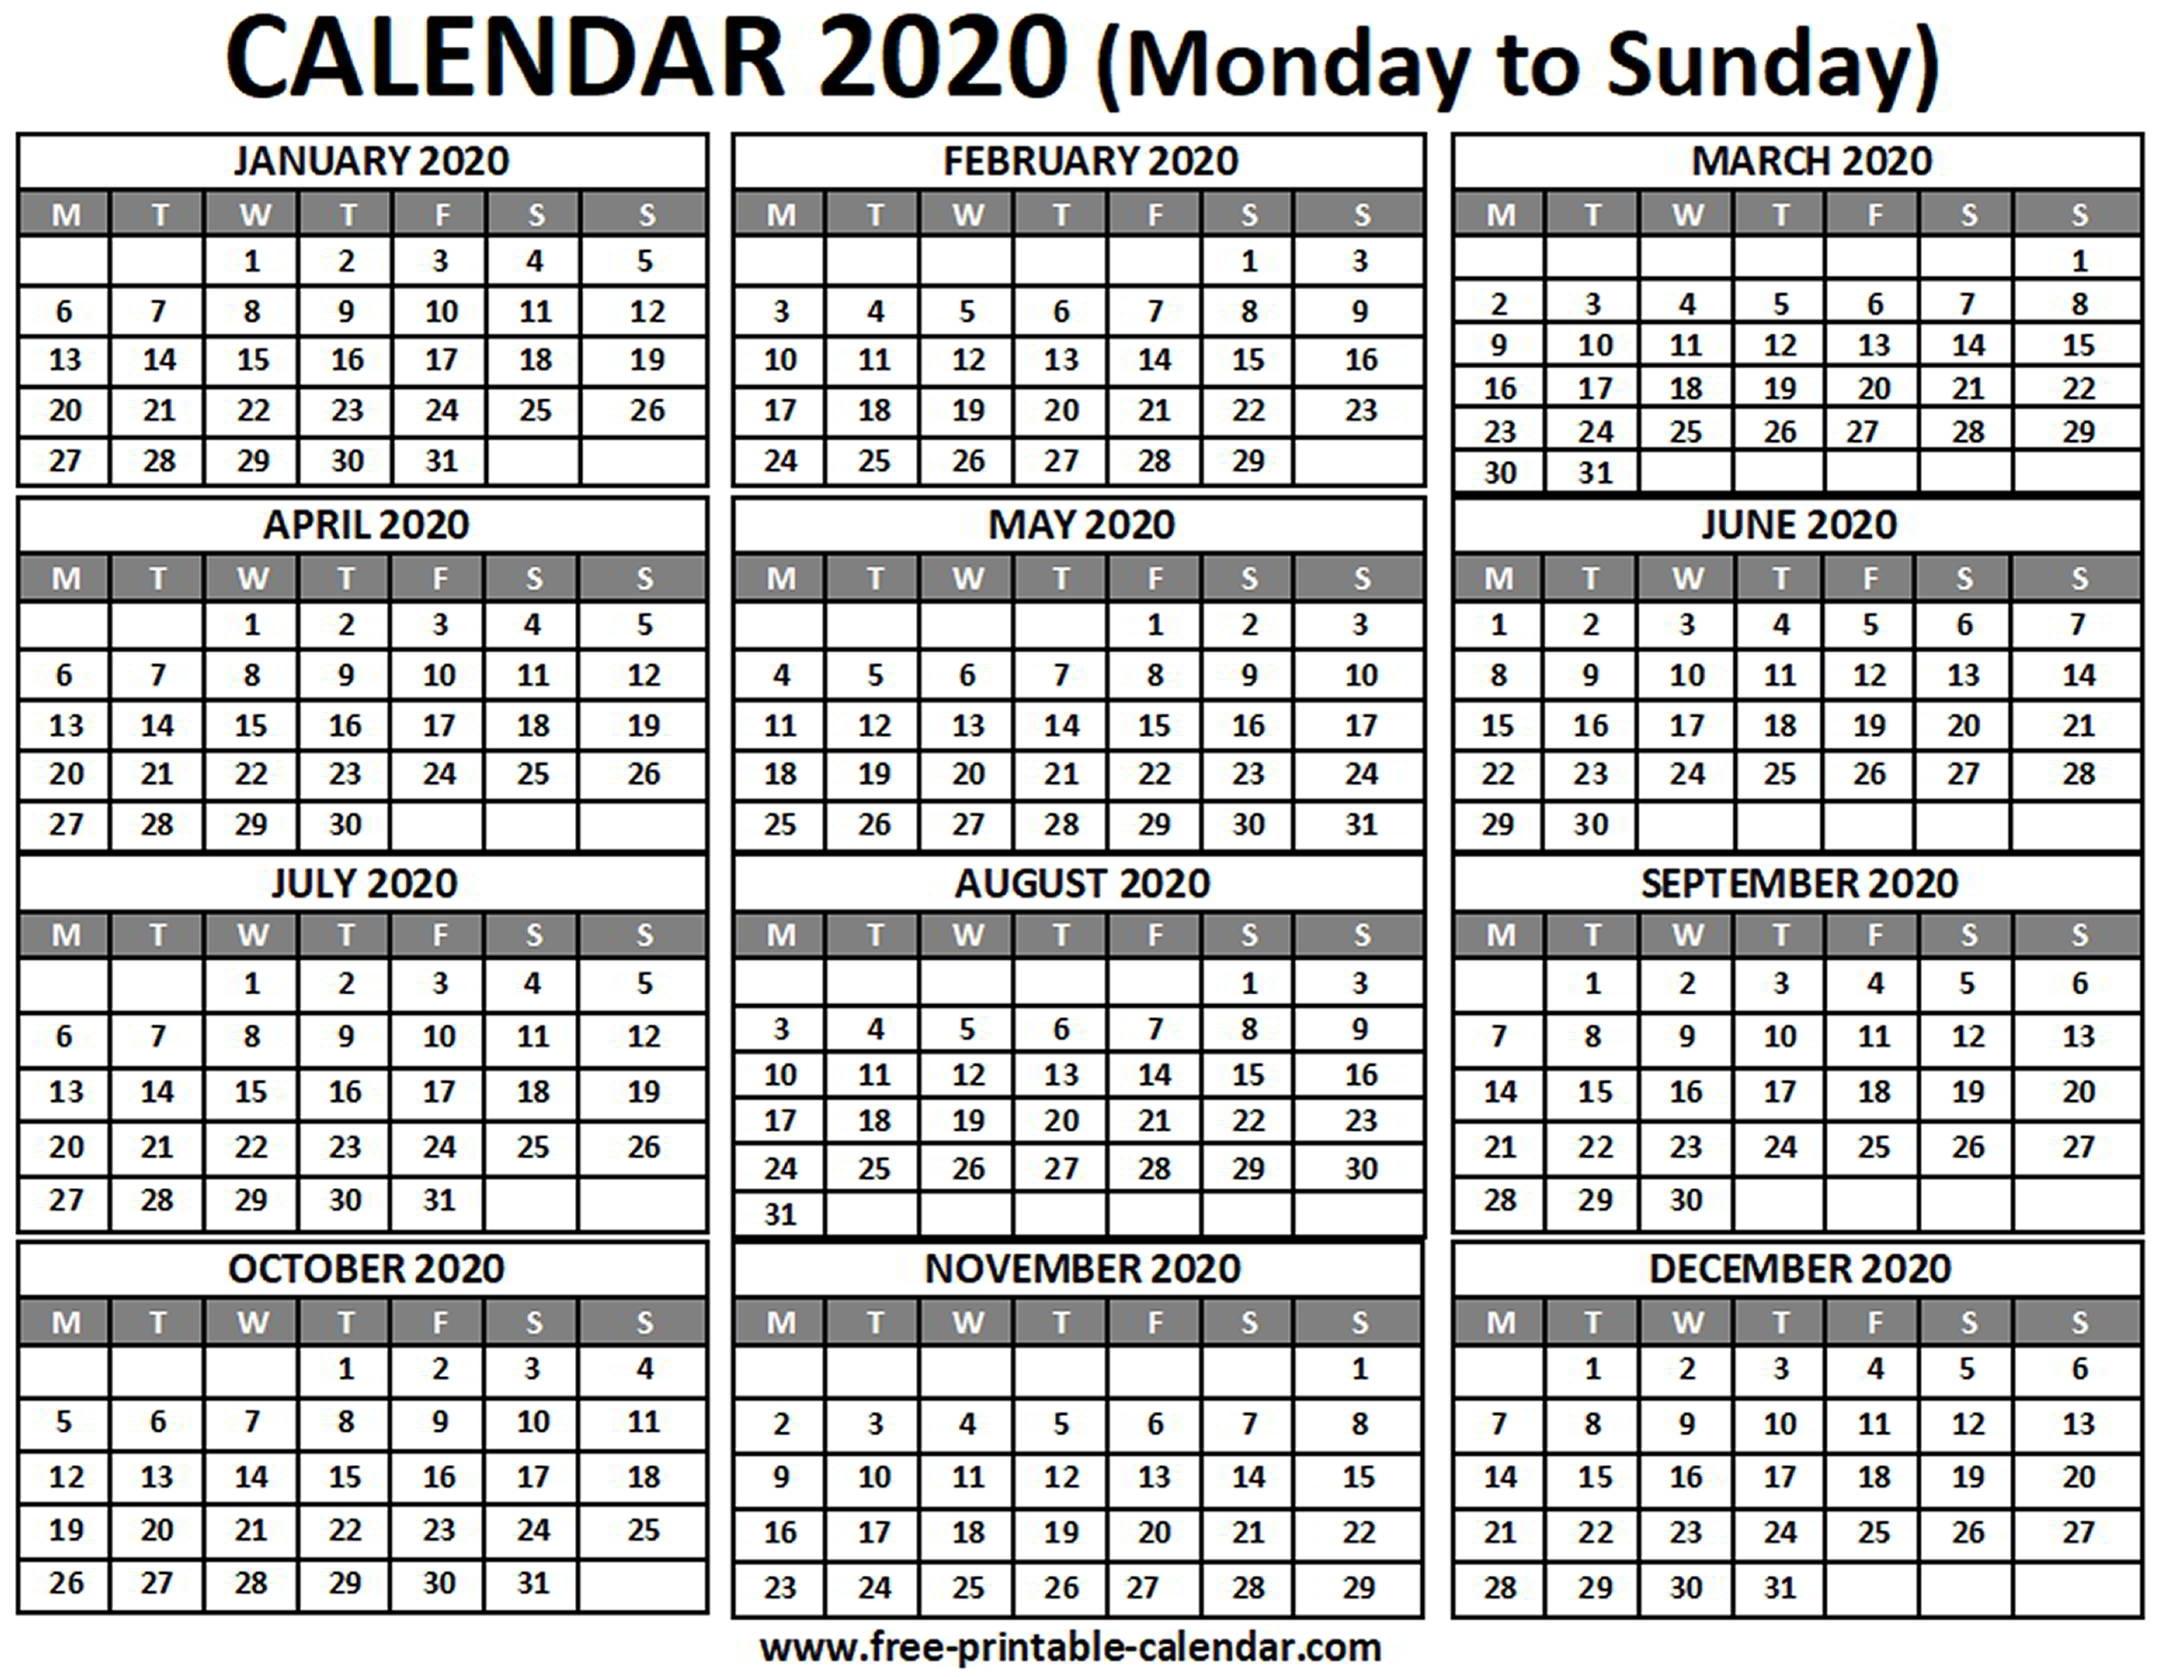 2020 Calendar - Free-Printable-Calendar with regard to 2020Printable Monday Through Sunday Calendars